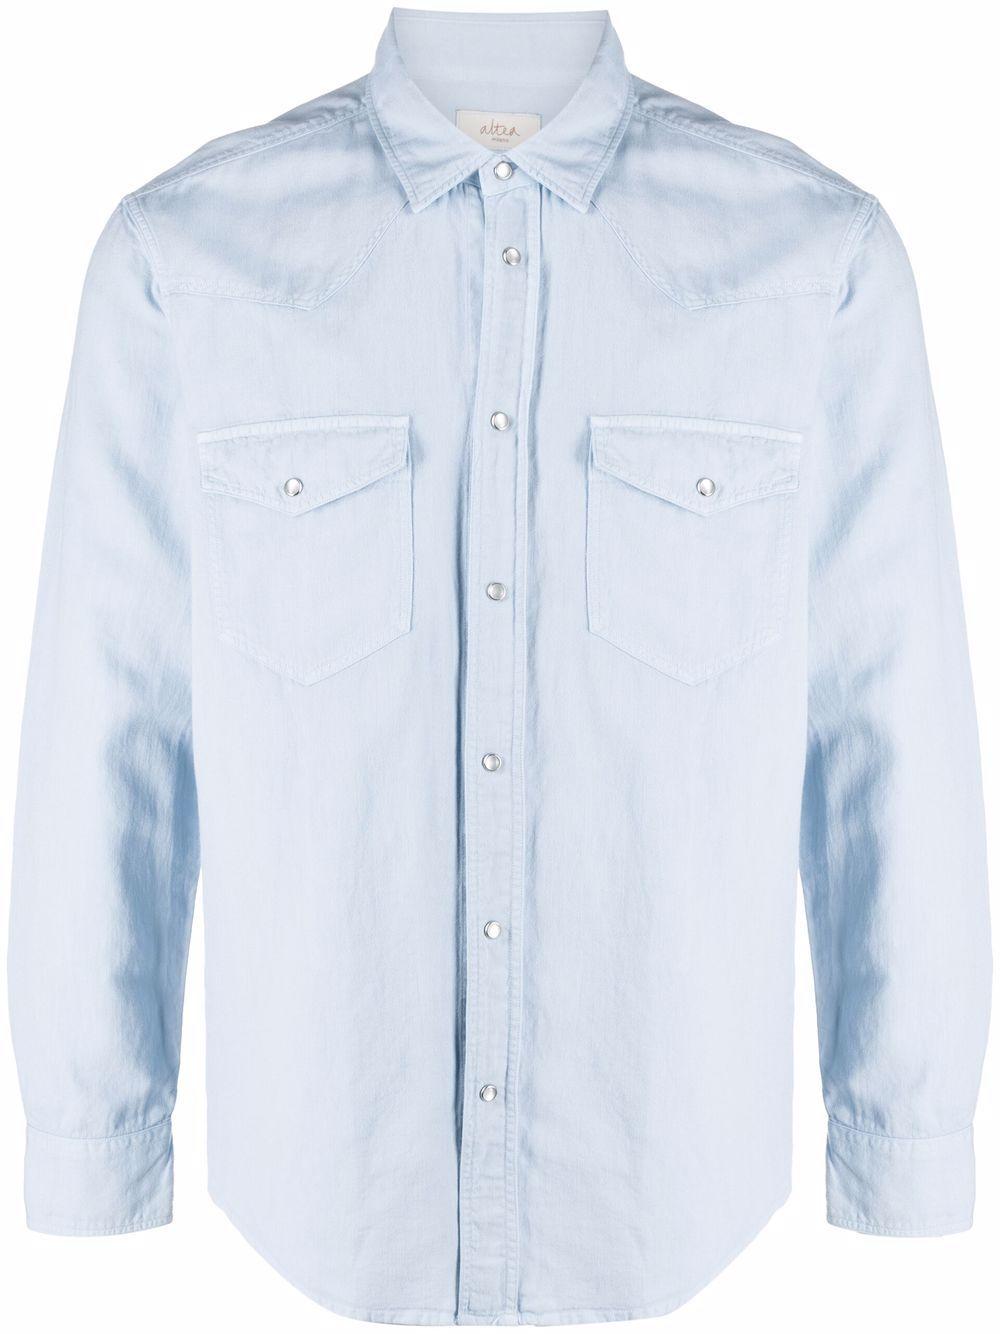 Sky blue cotton and linen chest-pockets long-sleeve shirt  ALTEA      215406312